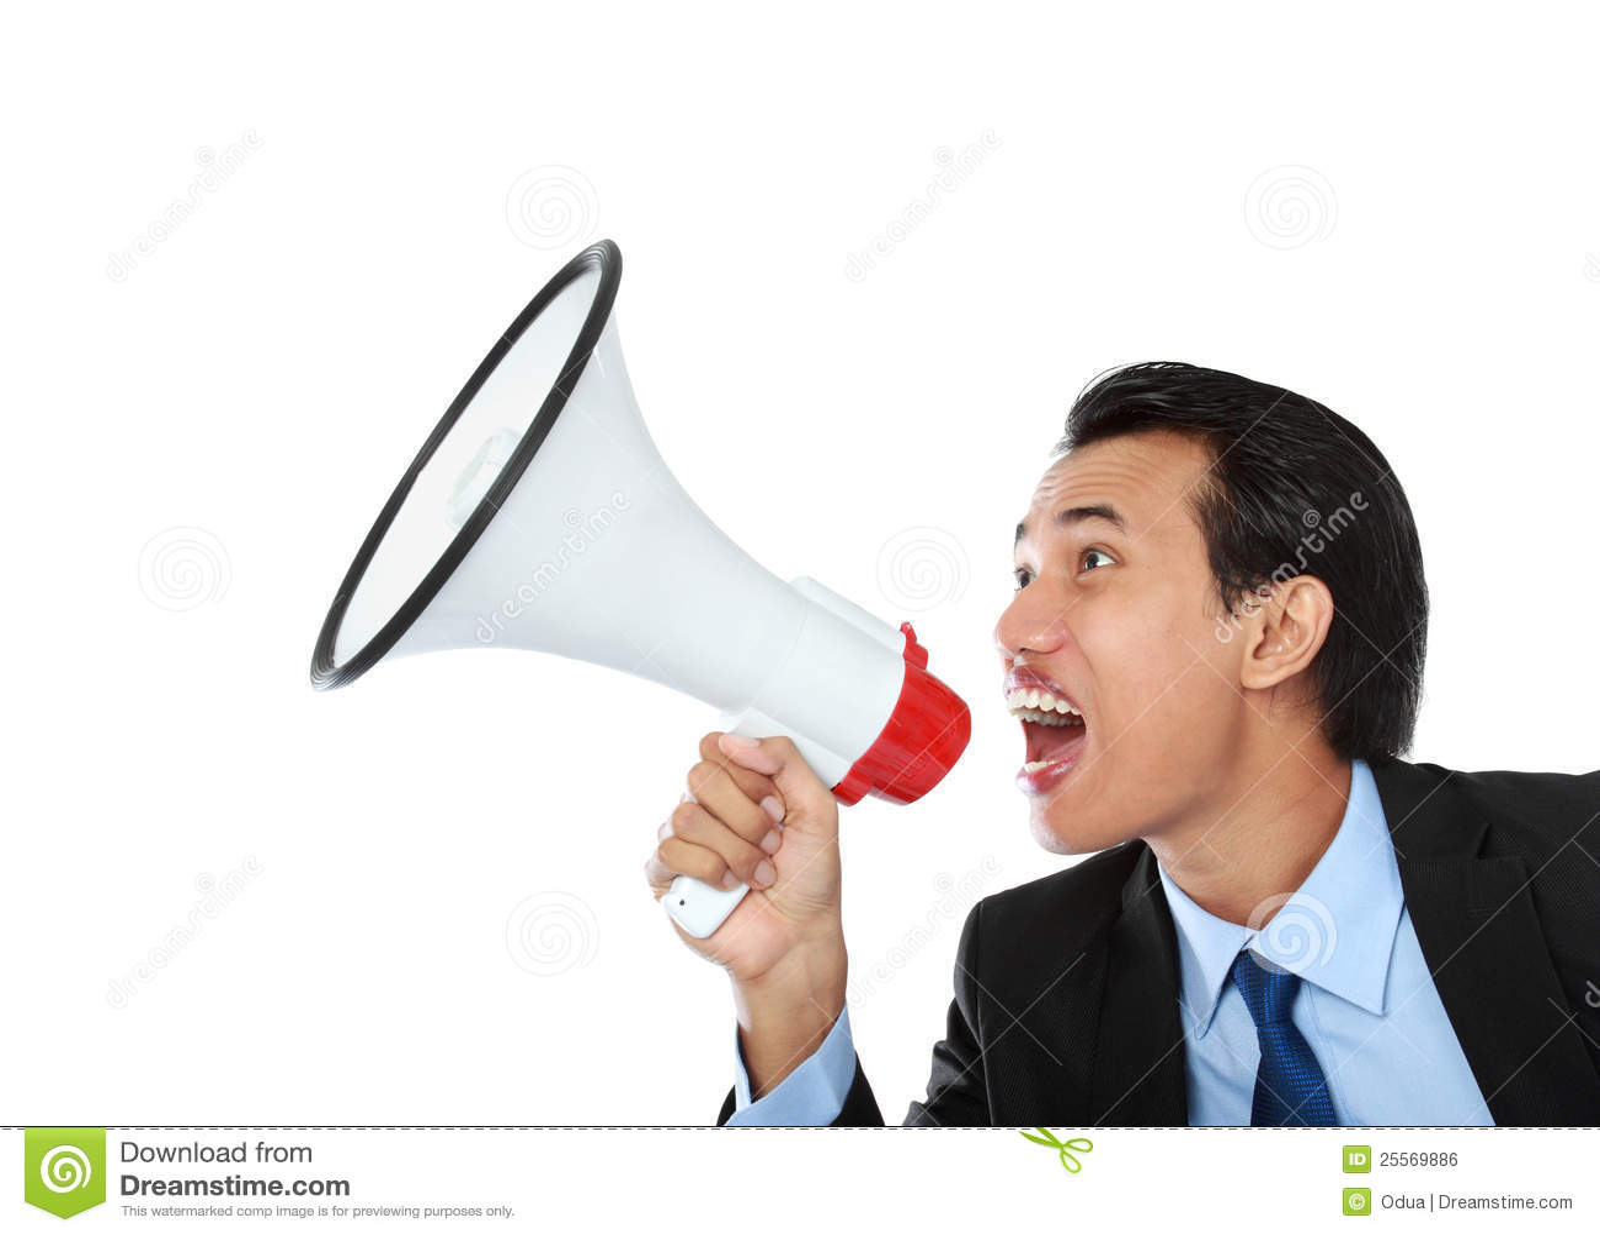 Shouting Man Using Megaphone Royalty-Free Stock ...